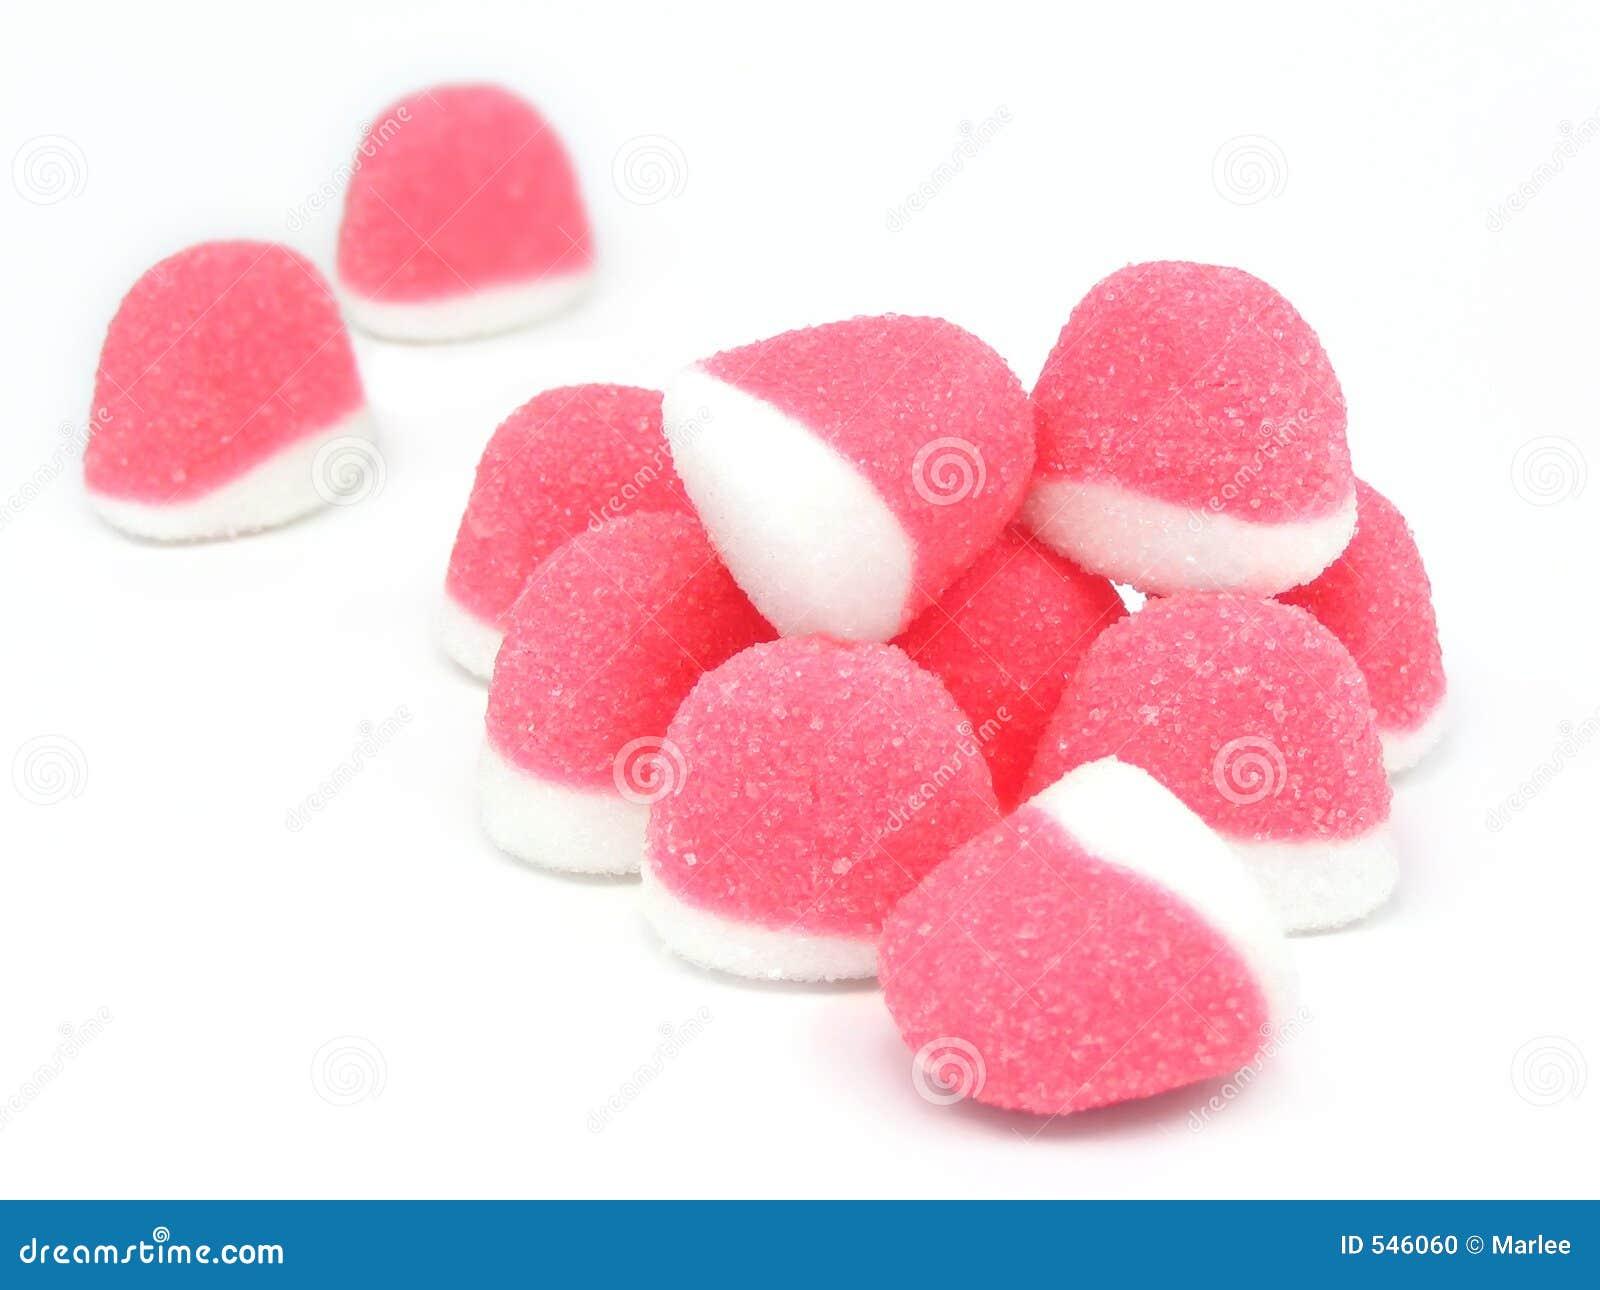 Download 糖果粉红色 库存照片. 图片 包括有 不健康, 空白, 糖果, 混合药剂, 含糖, 美味, 焦糖, 虚拟, 好吃的东西 - 546060